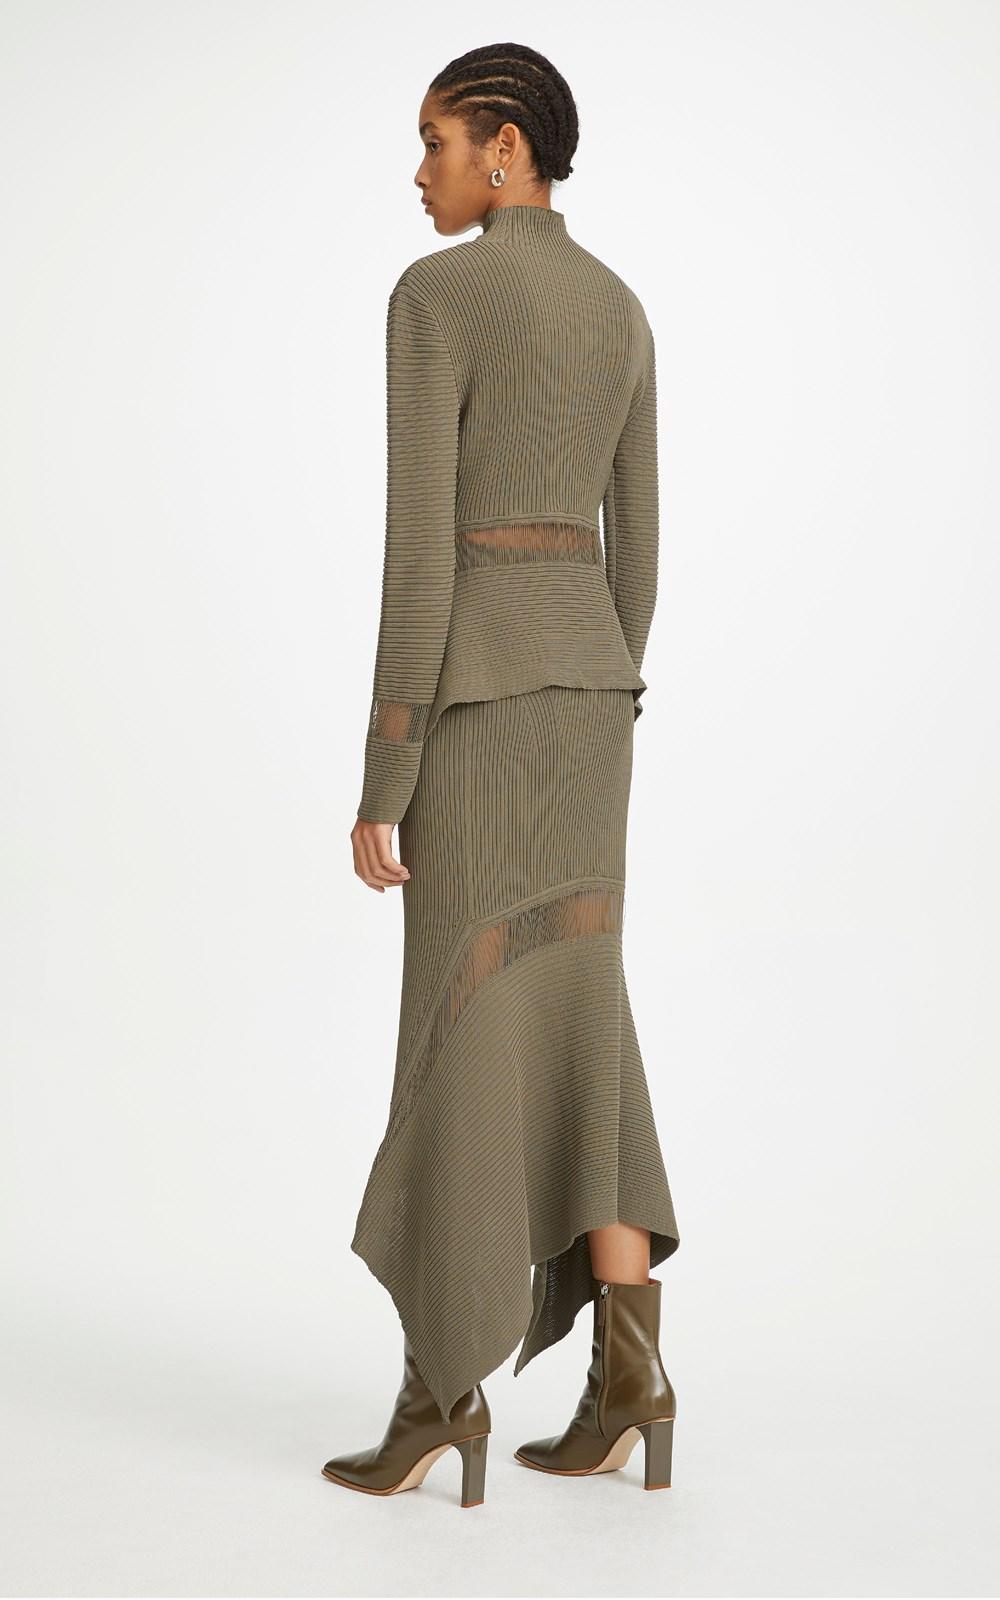 Knitwear | CORD FLOAT SWEATER